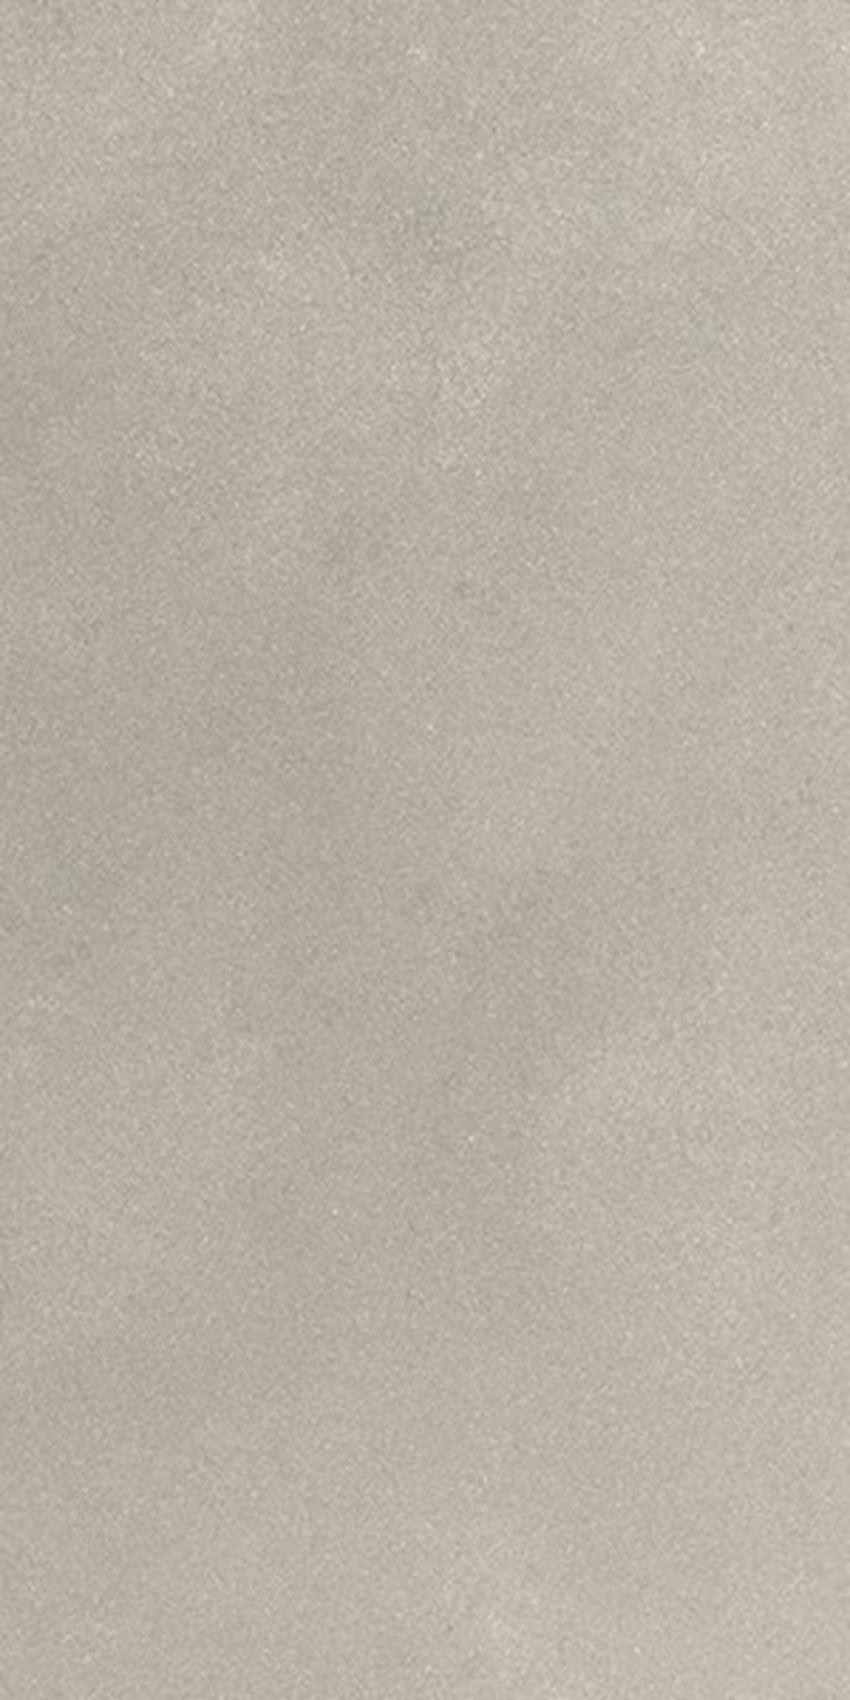 Płytka uniwersalna poler, 29,7x59,7 cm Nowa Gala Neutro NU 12